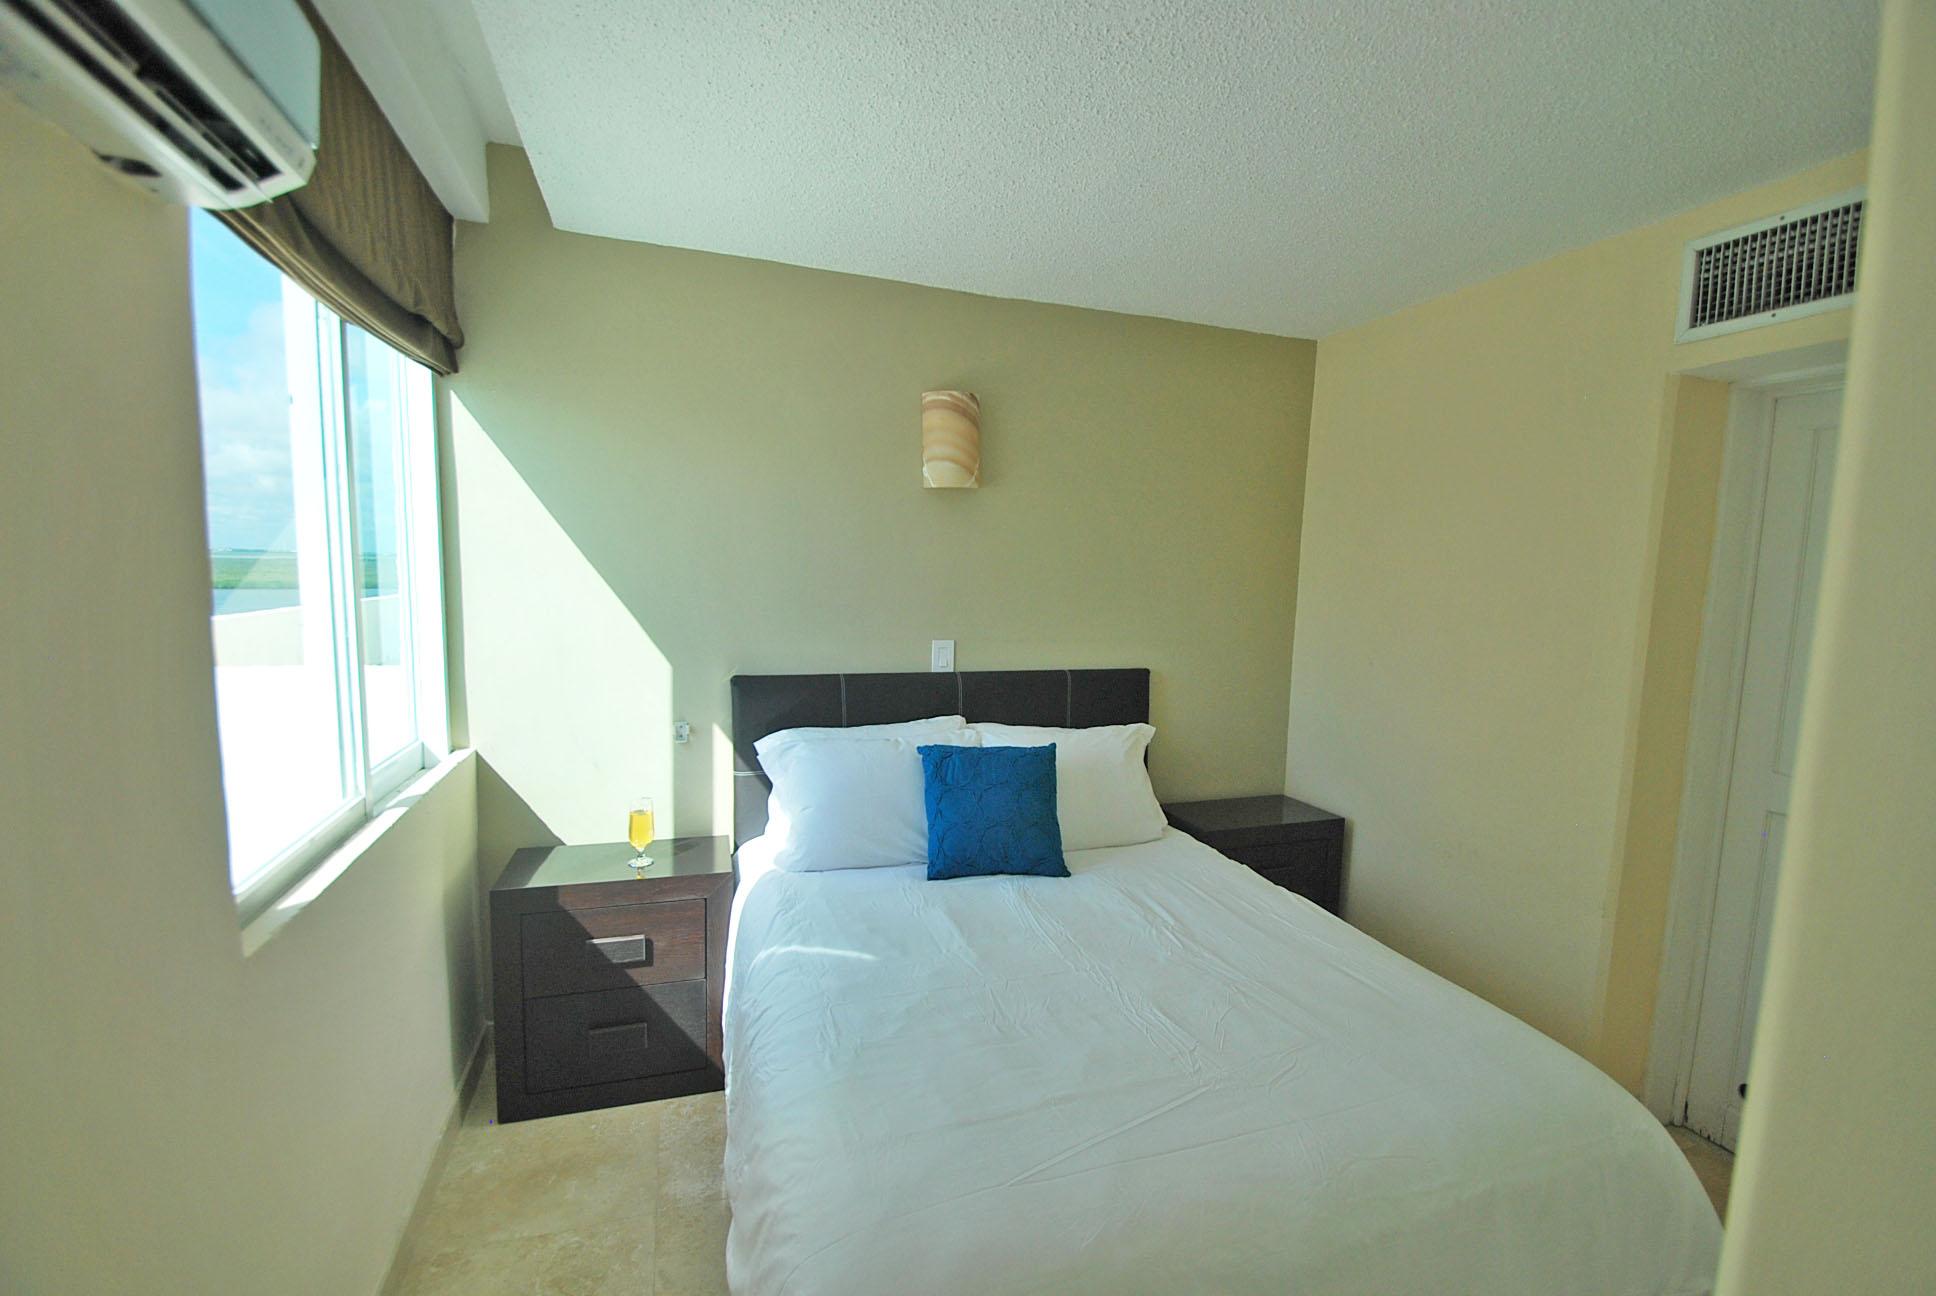 371 - Bedroom 4